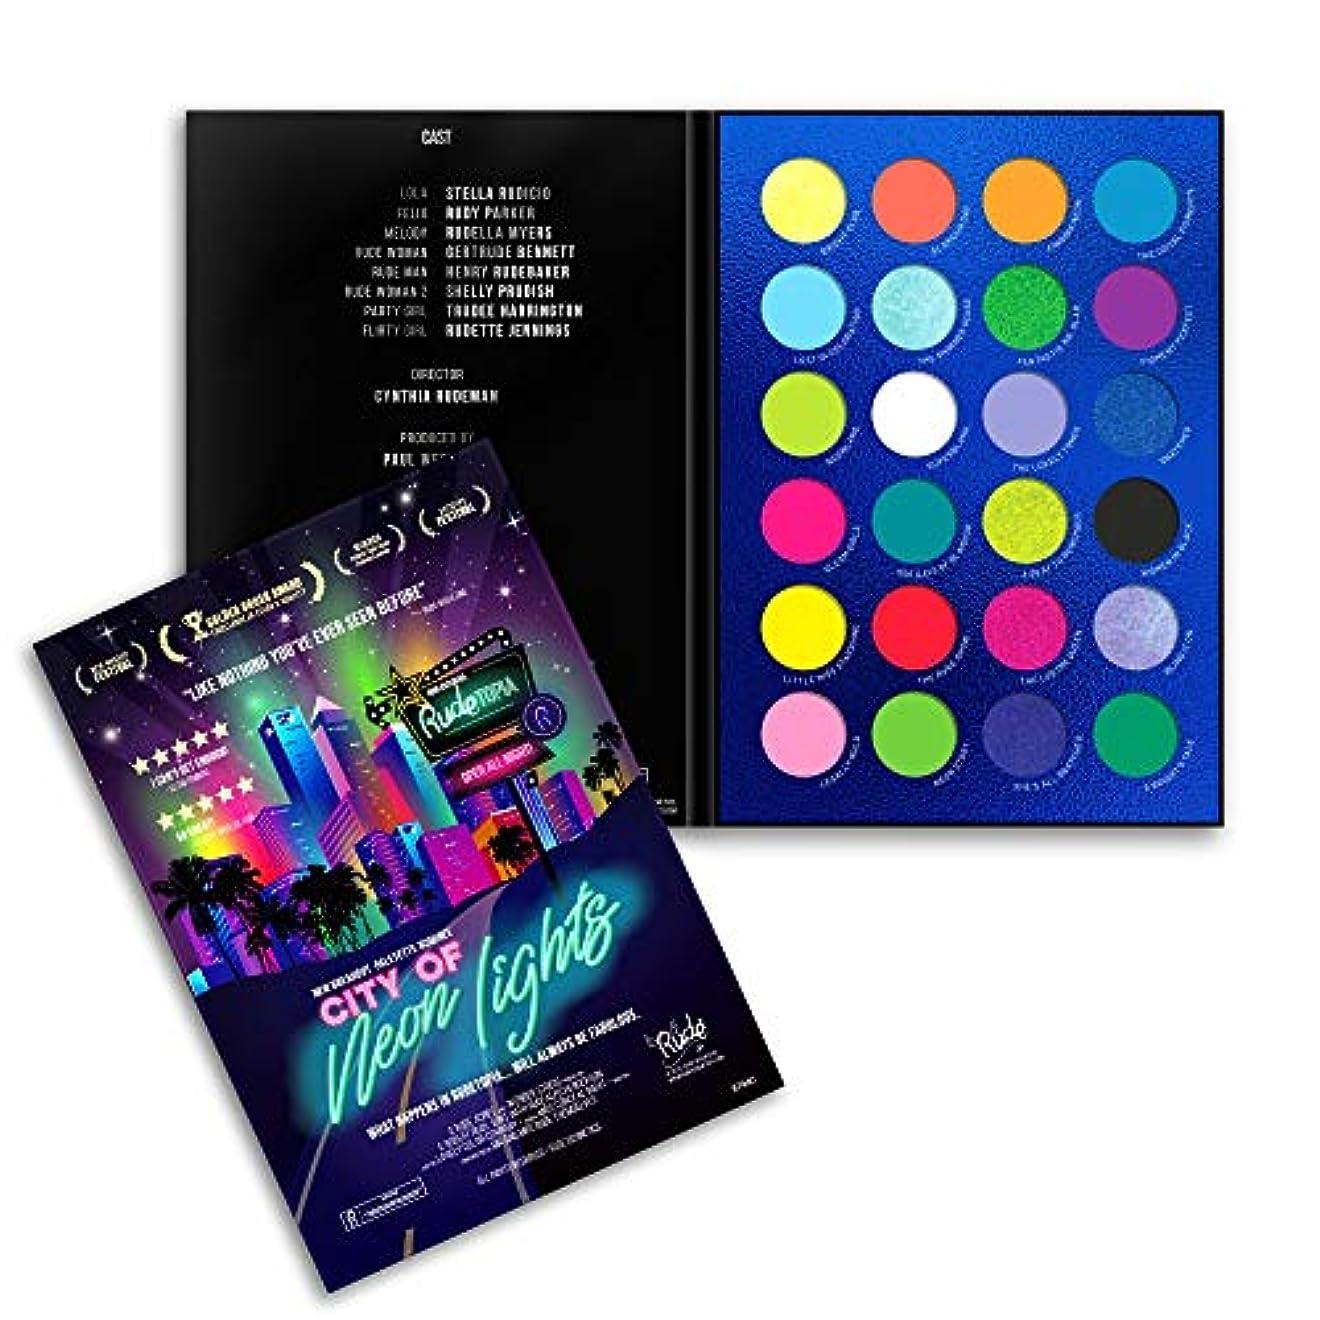 行列バイオリン偽造RUDE City of Neon Lights - 24 Vibrant Pigment & Eyeshadow Palette (並行輸入品)